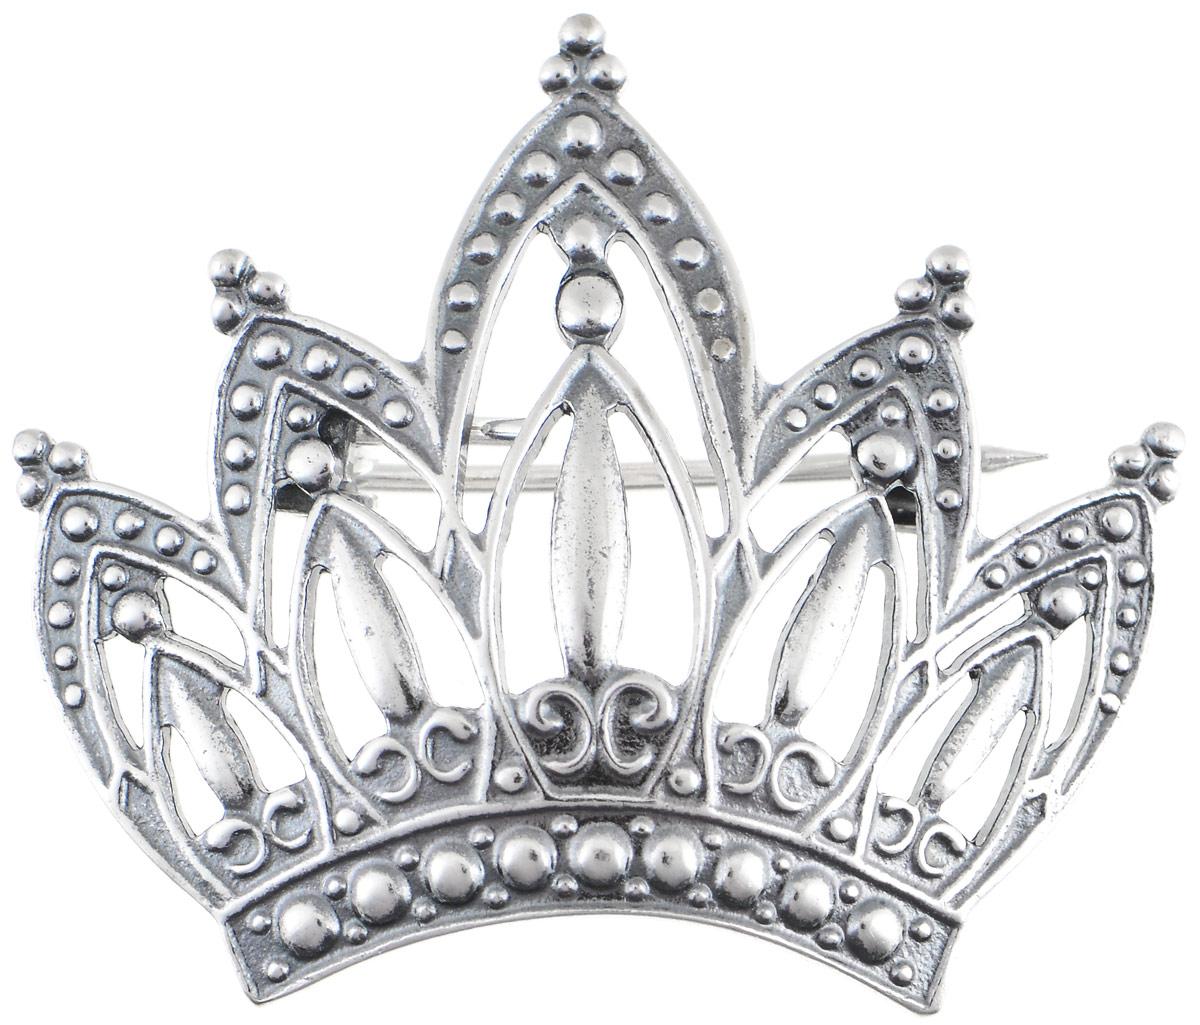 Брошь Vittorio Richi, цвет: серебристый. 91557697vr91557697vrБрошь Vittorio Richi выполнена из металла с гальваническим покрытием из серебра. Декоративный элемент выполнен в виде короны. Изделие застегивается с помощью замка- булавки.